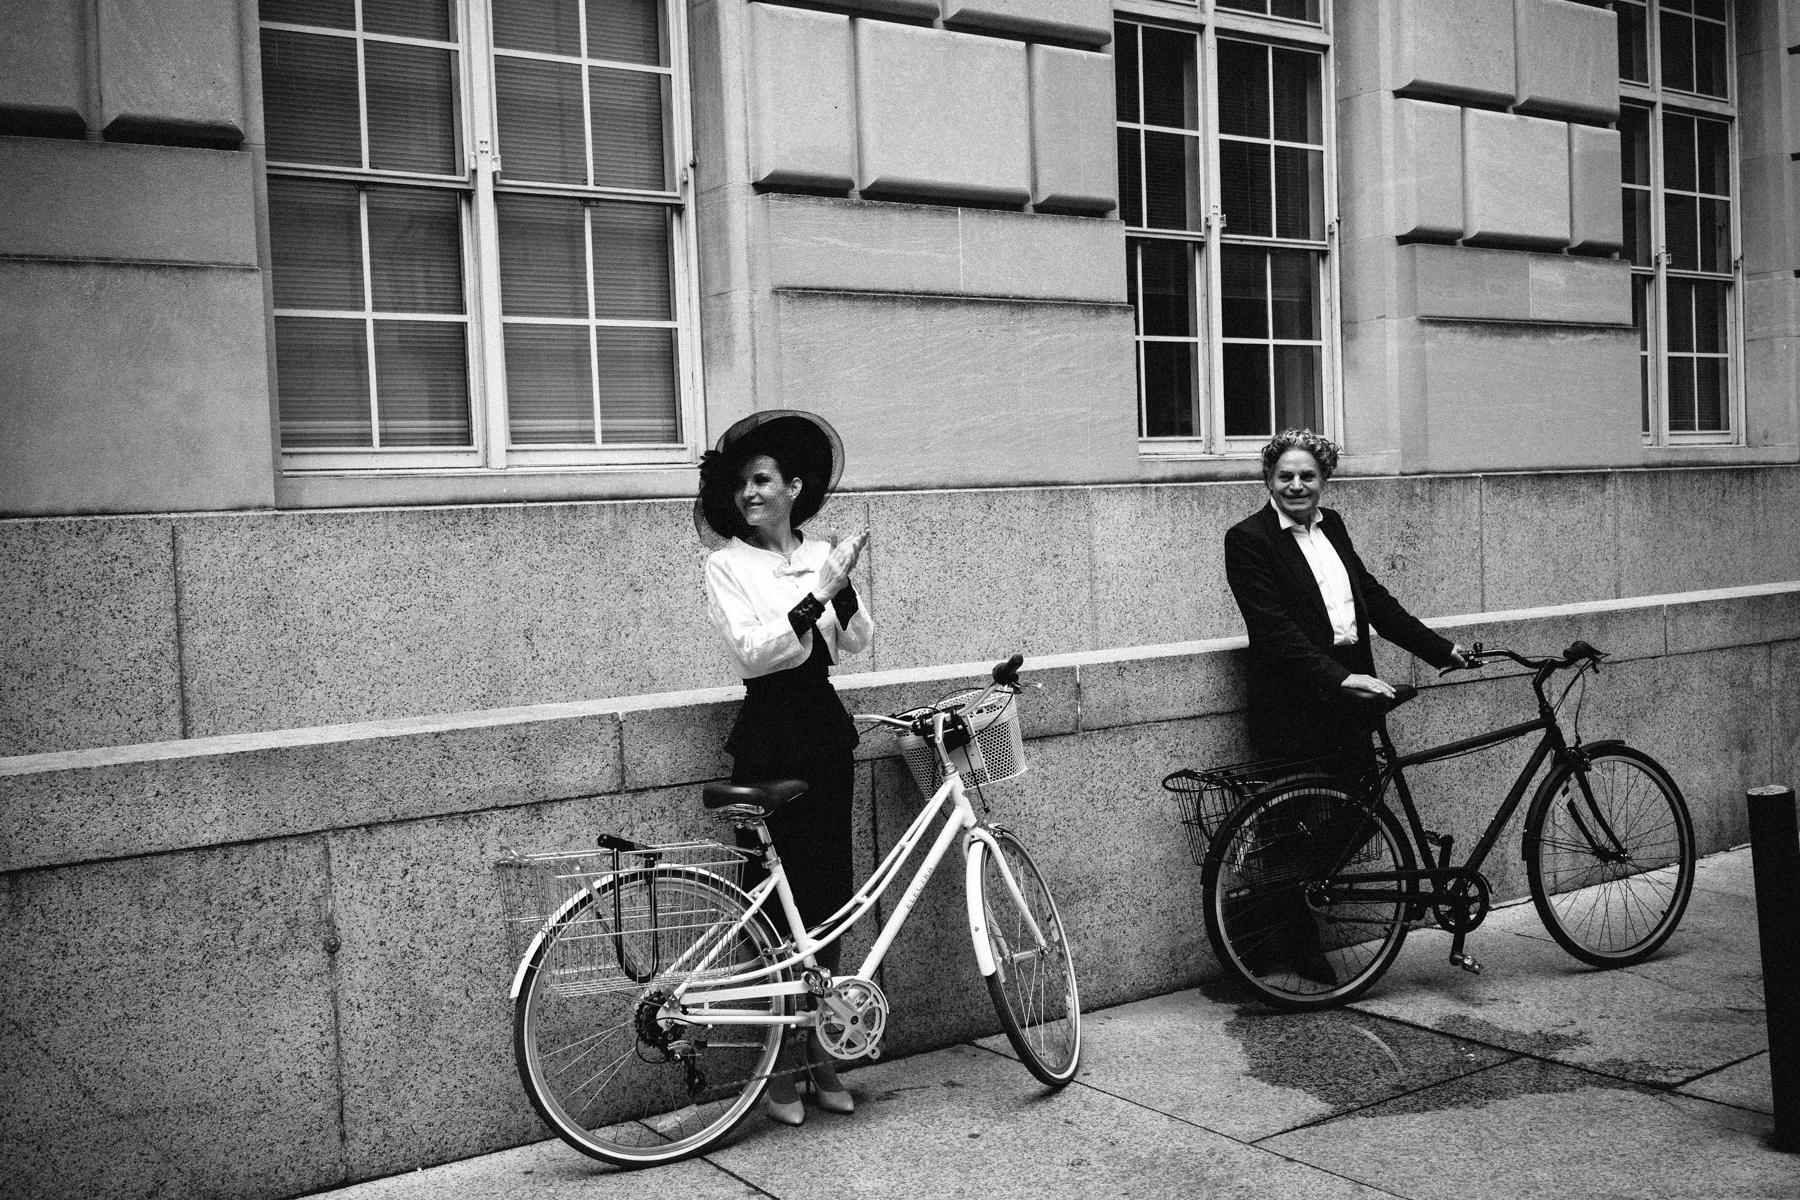 SONY_A7II_35_bicycle couple washingtonDC-7106122.jpg